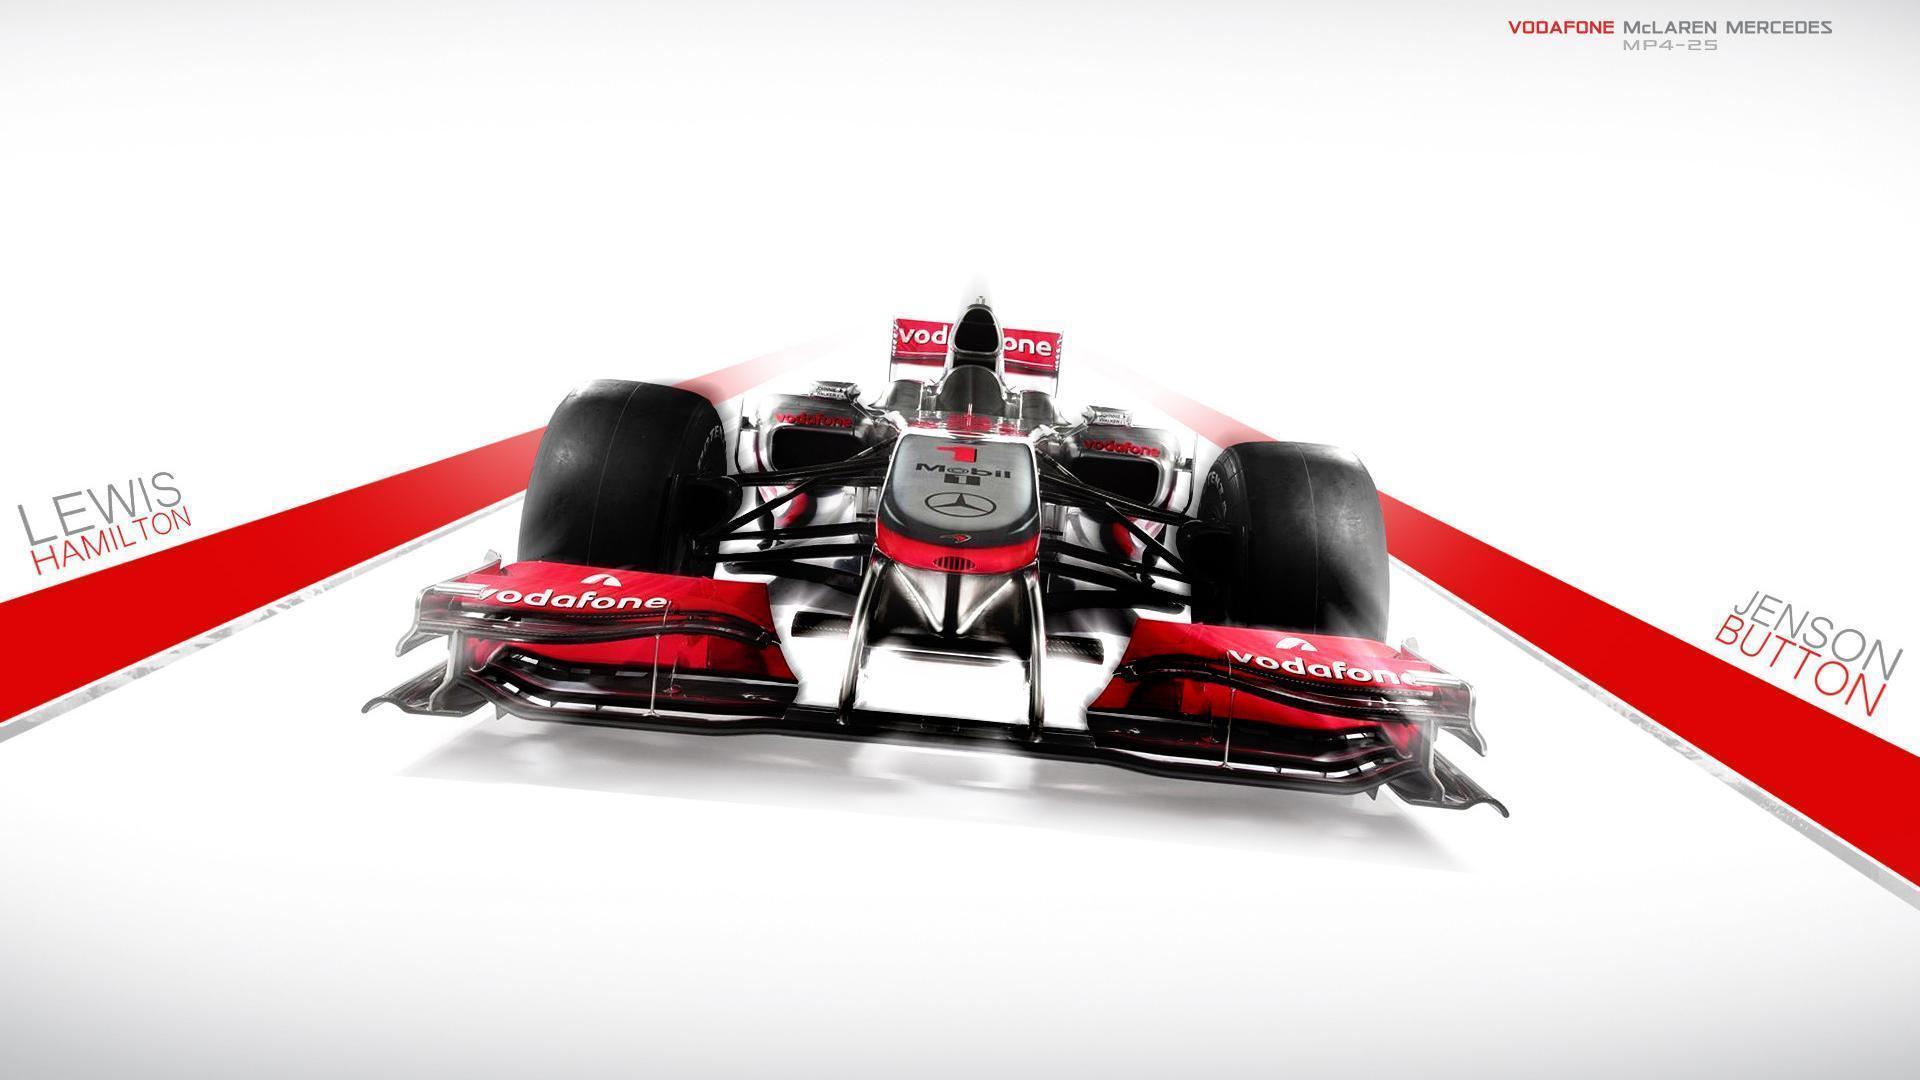 Formula 1 Wallpapers - Wallpaper Cave